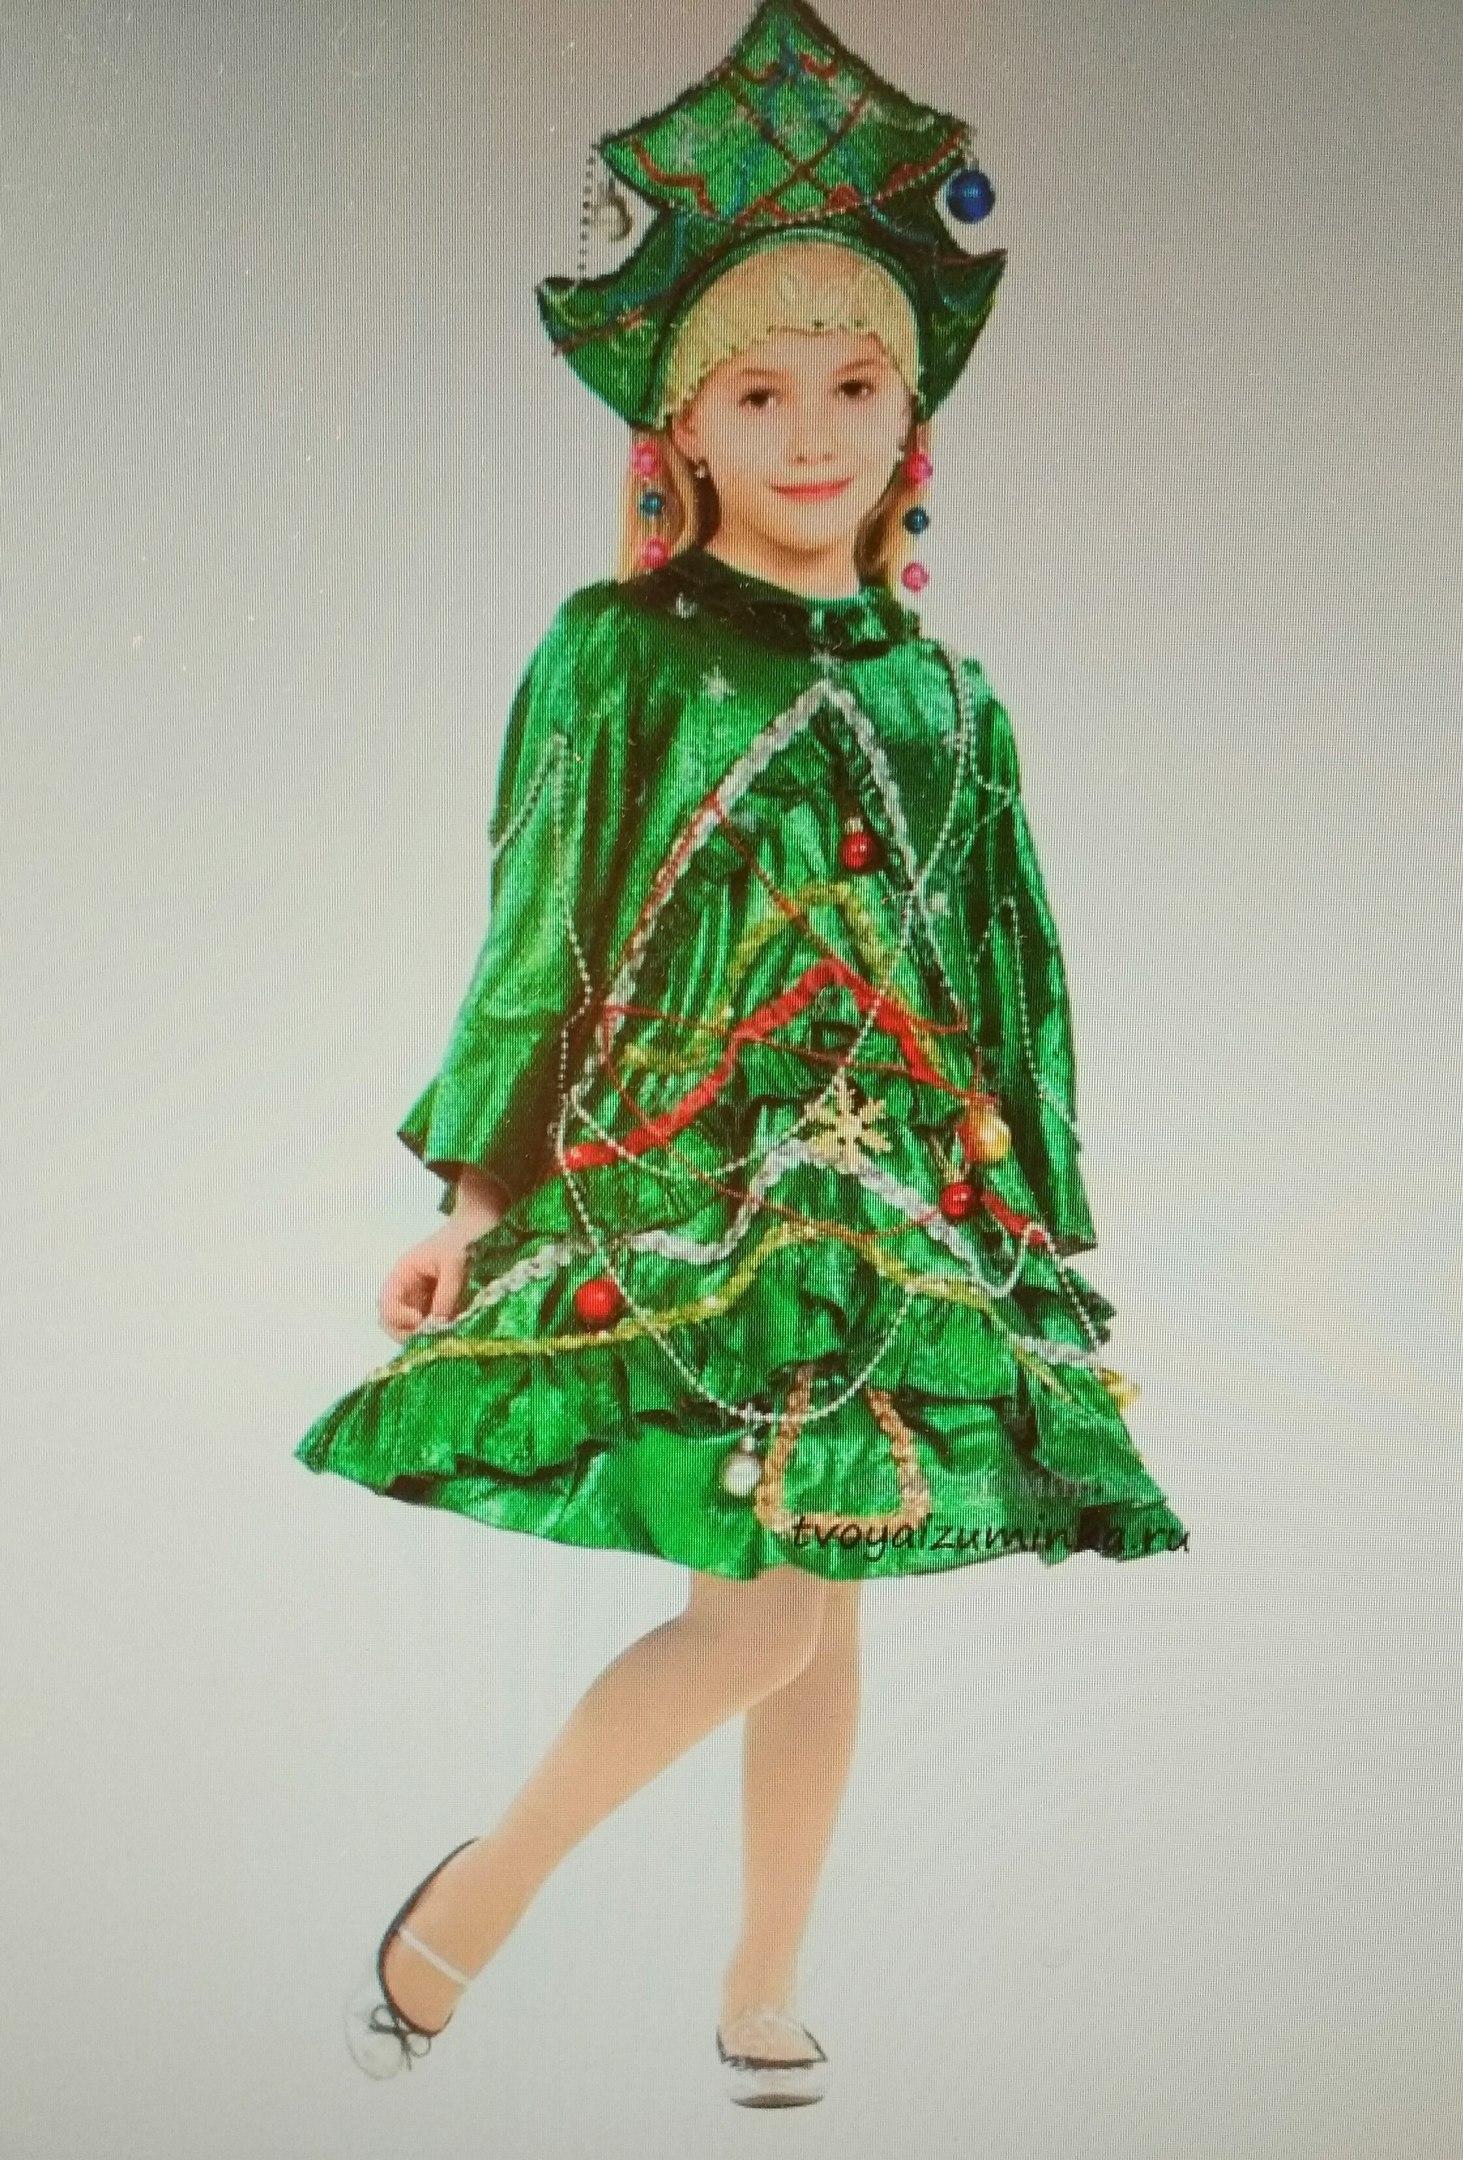 Платье костюм Елочка для девочки на Новый год своими руками: выкройка, инструкция, как сшить